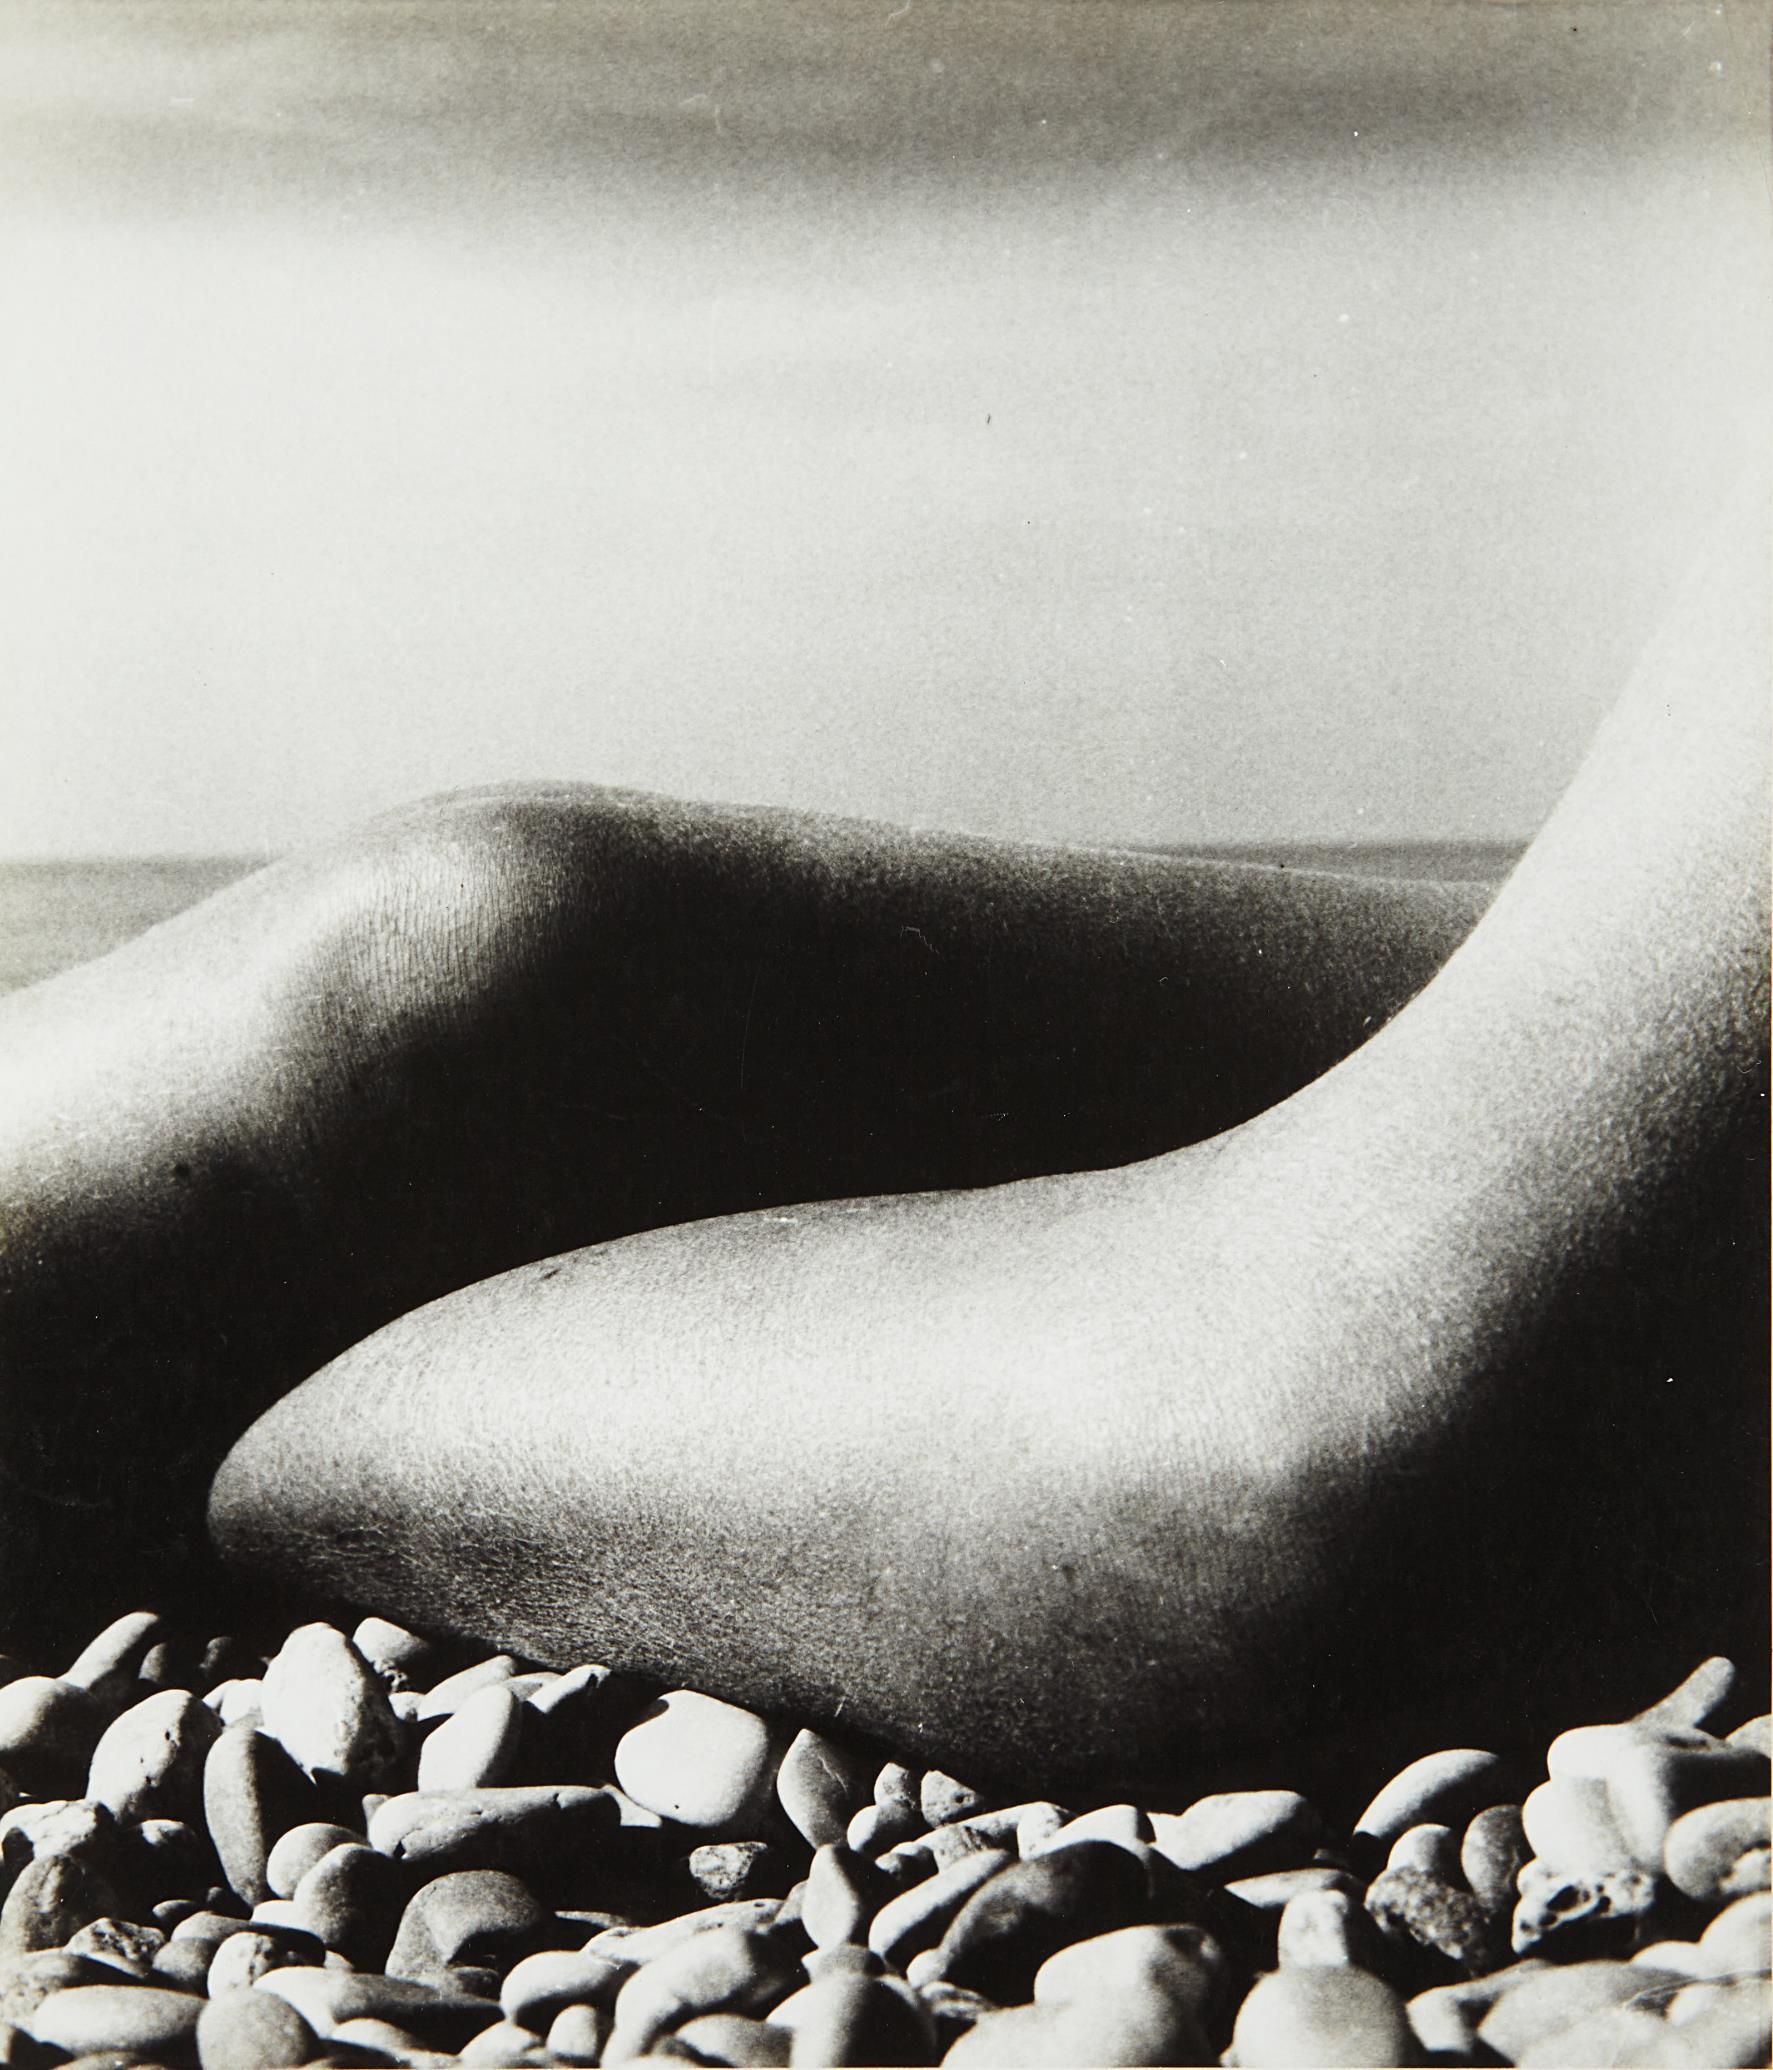 Bill Brandt-Baie Des Anges, France-1959